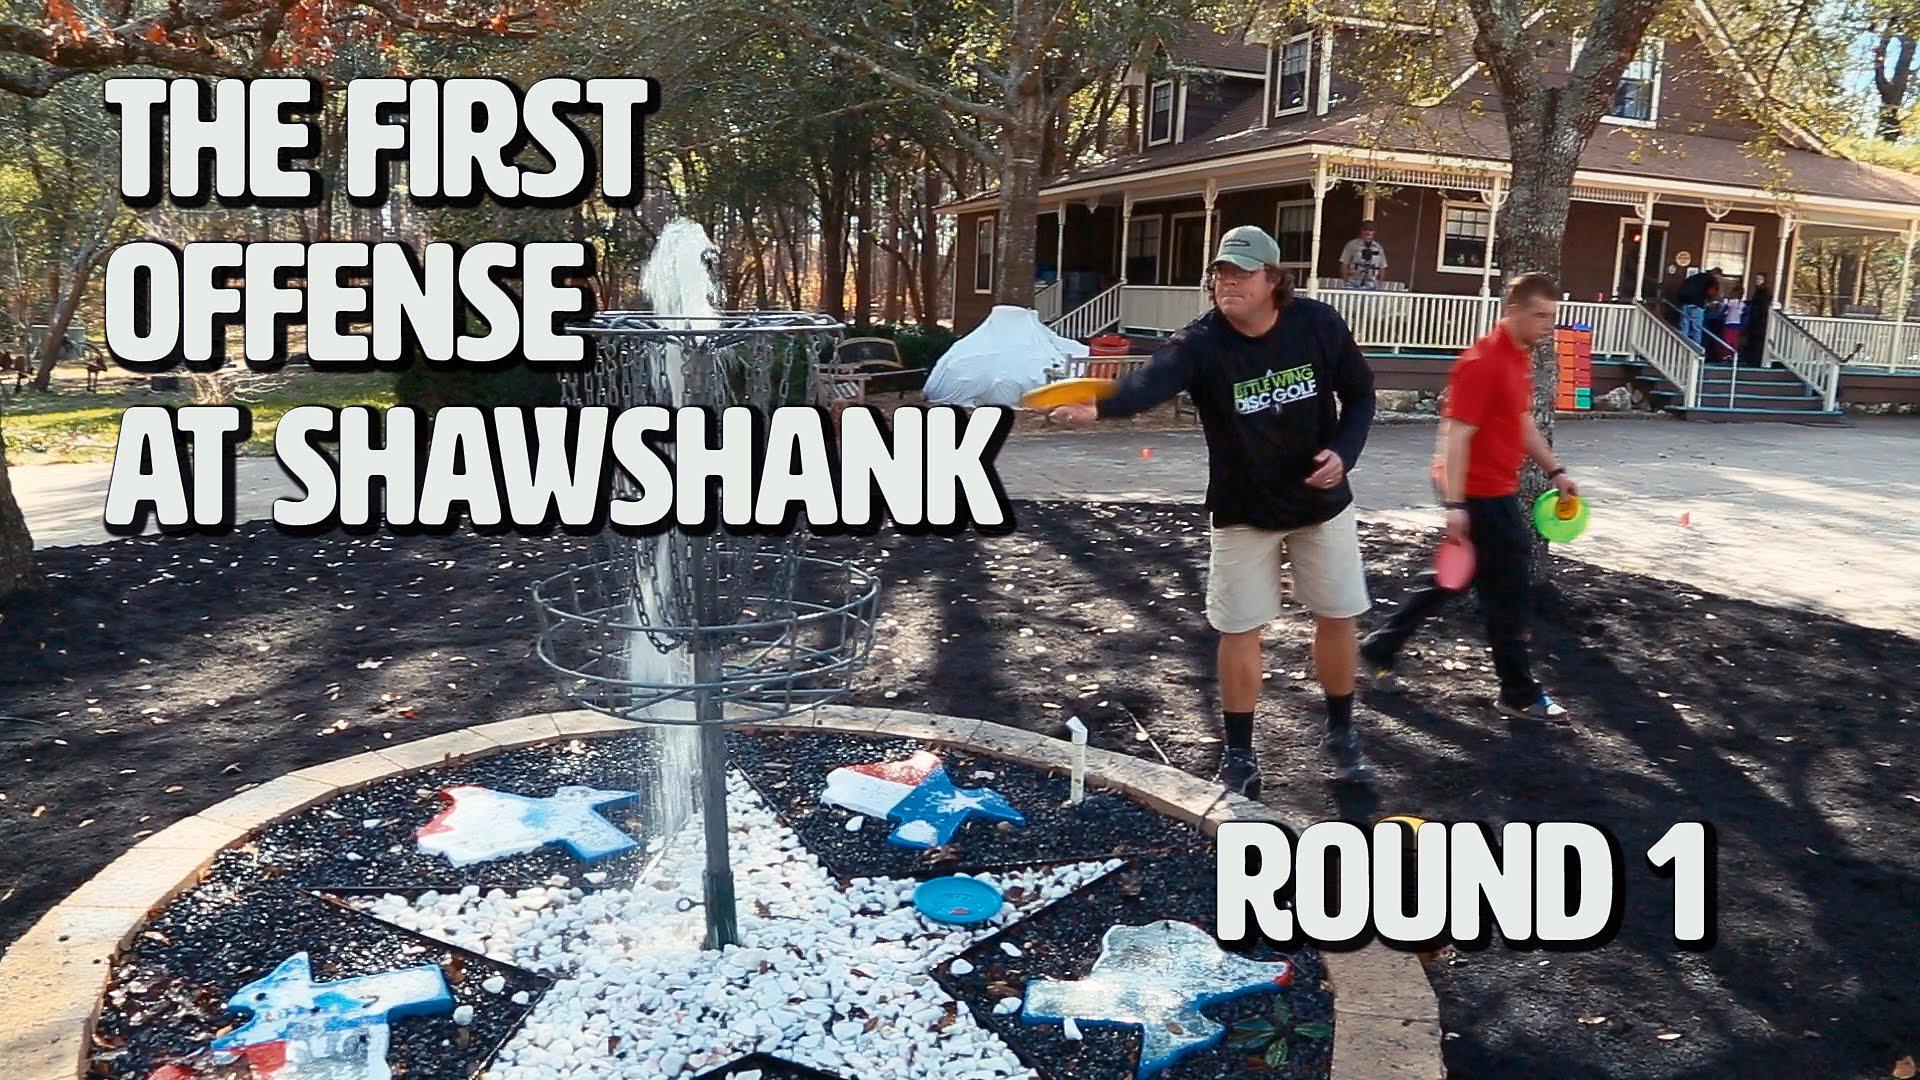 First Offense at Shawshank Round 1